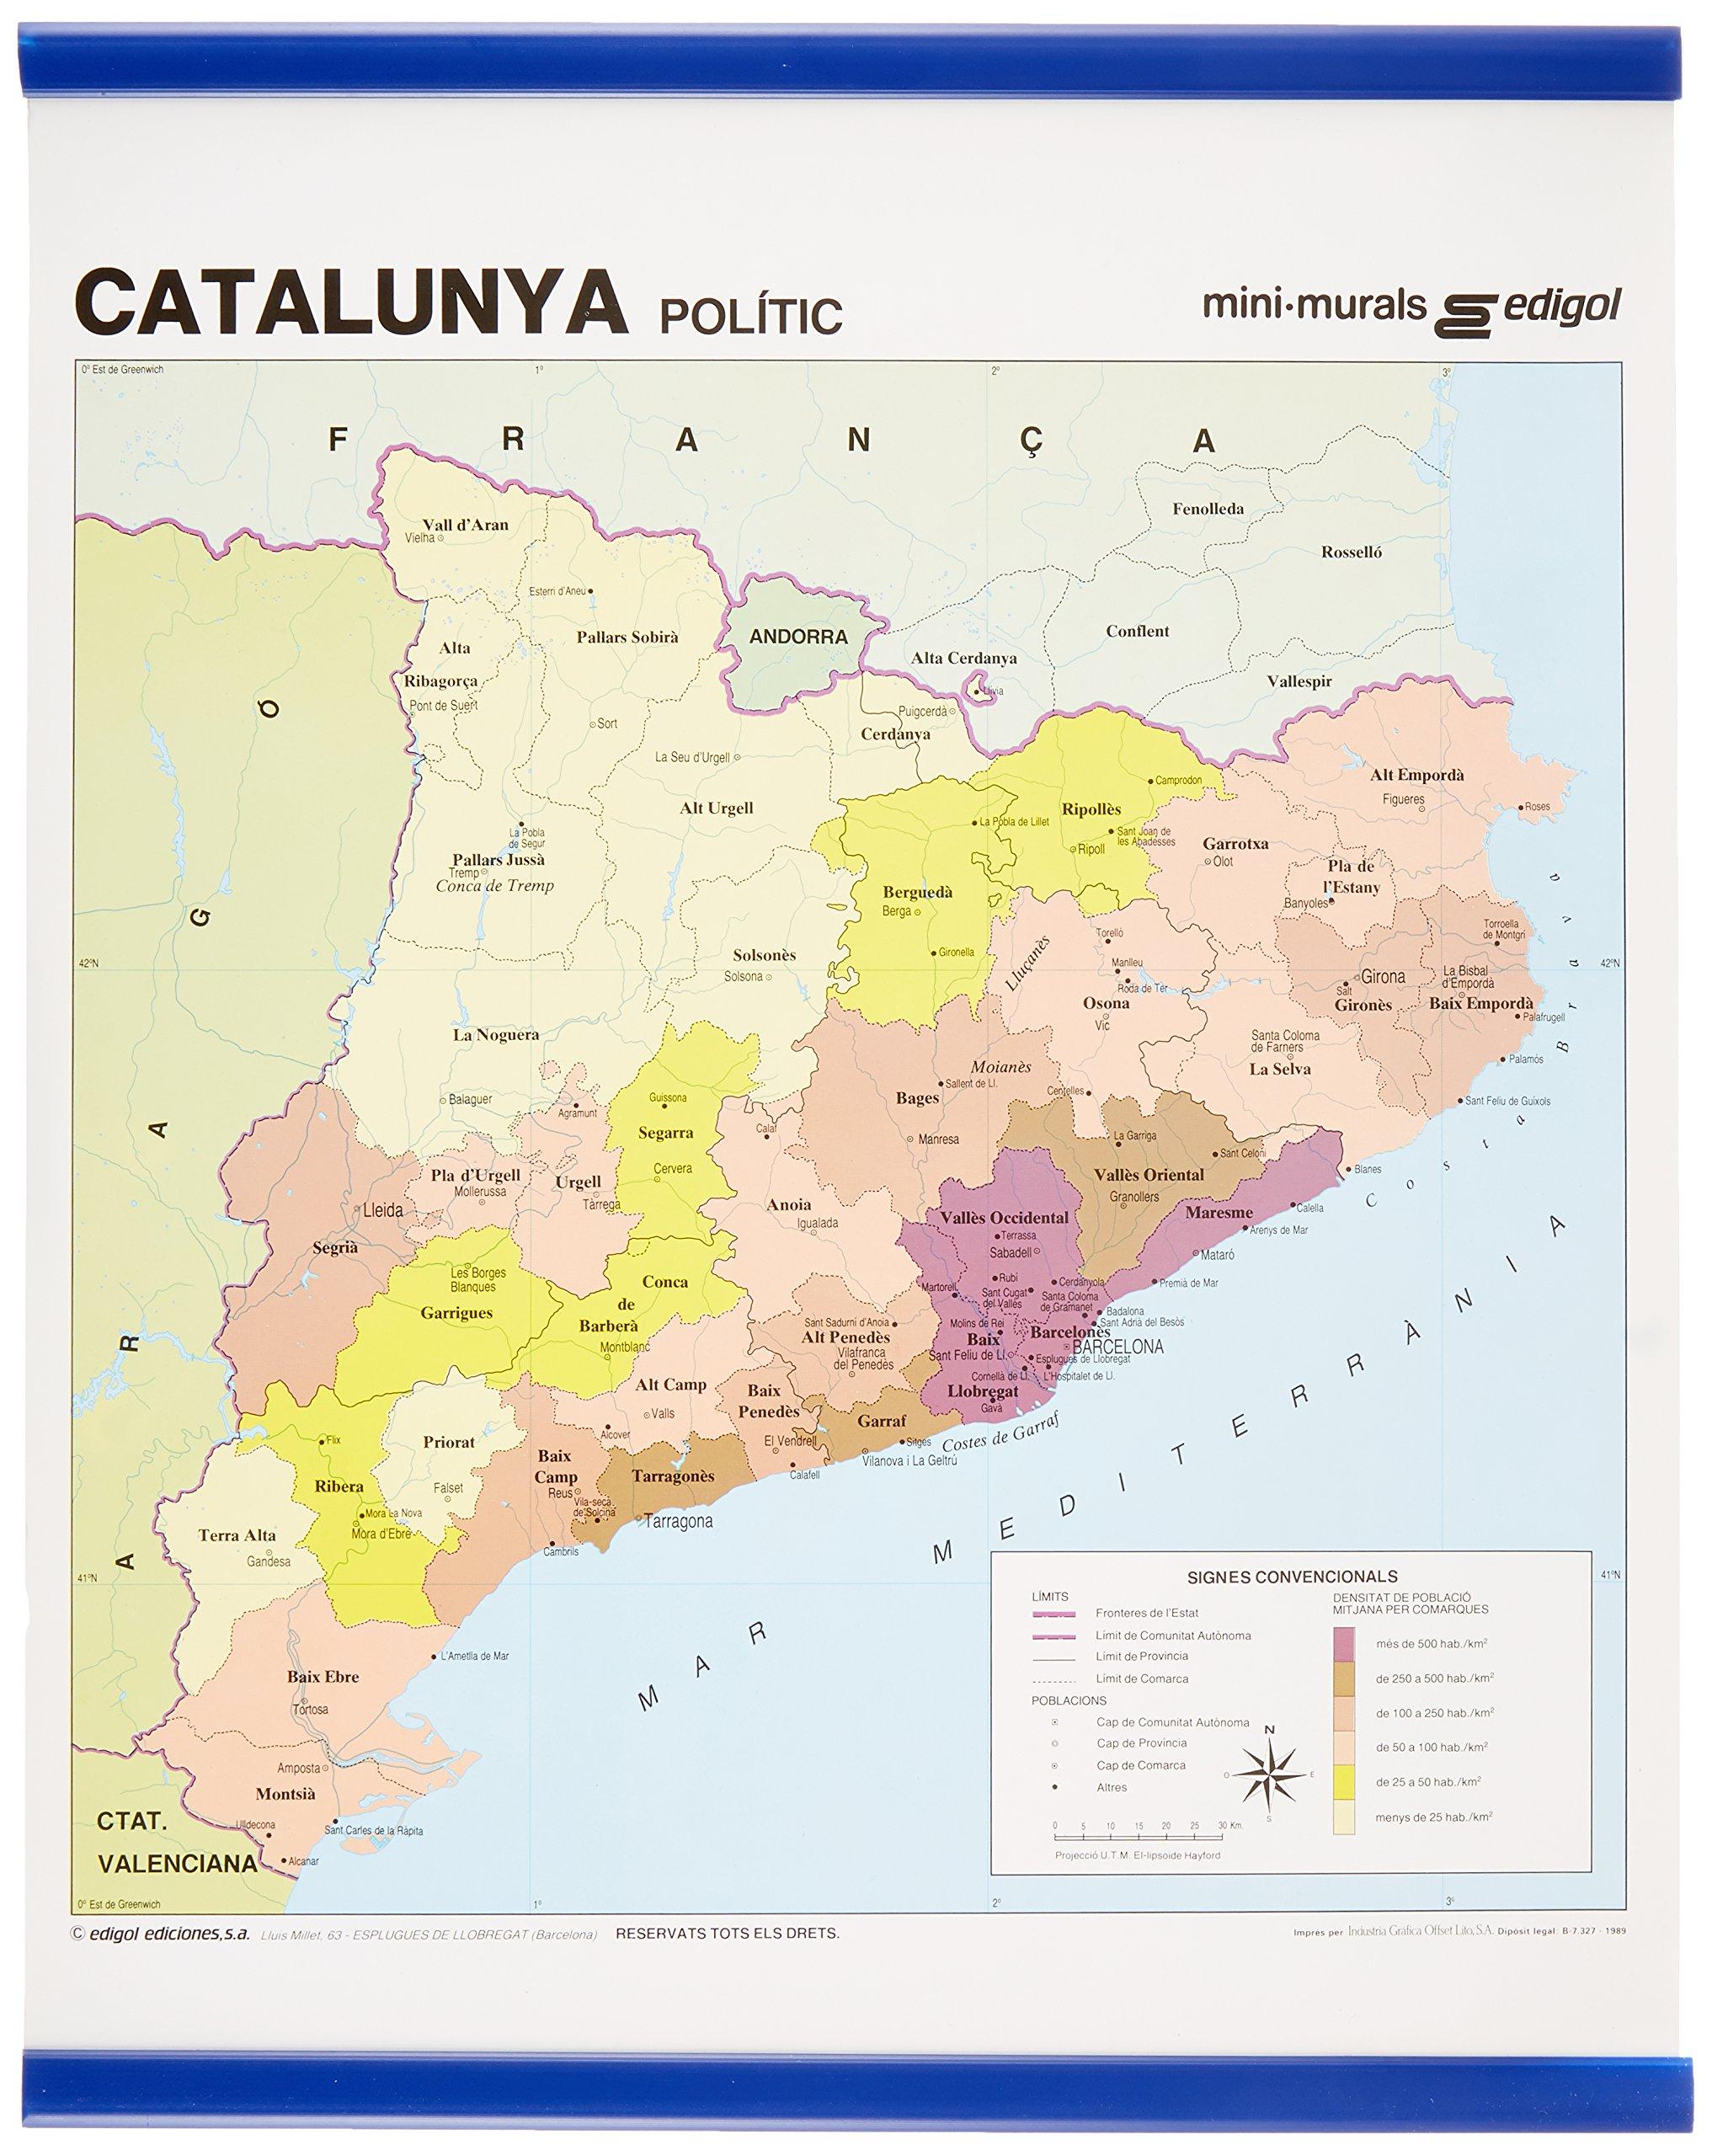 Catalunya, demogrˆfic comarcal: Mapas Mini-murales (): Amazon.es: Edigol Ediciones: Libros